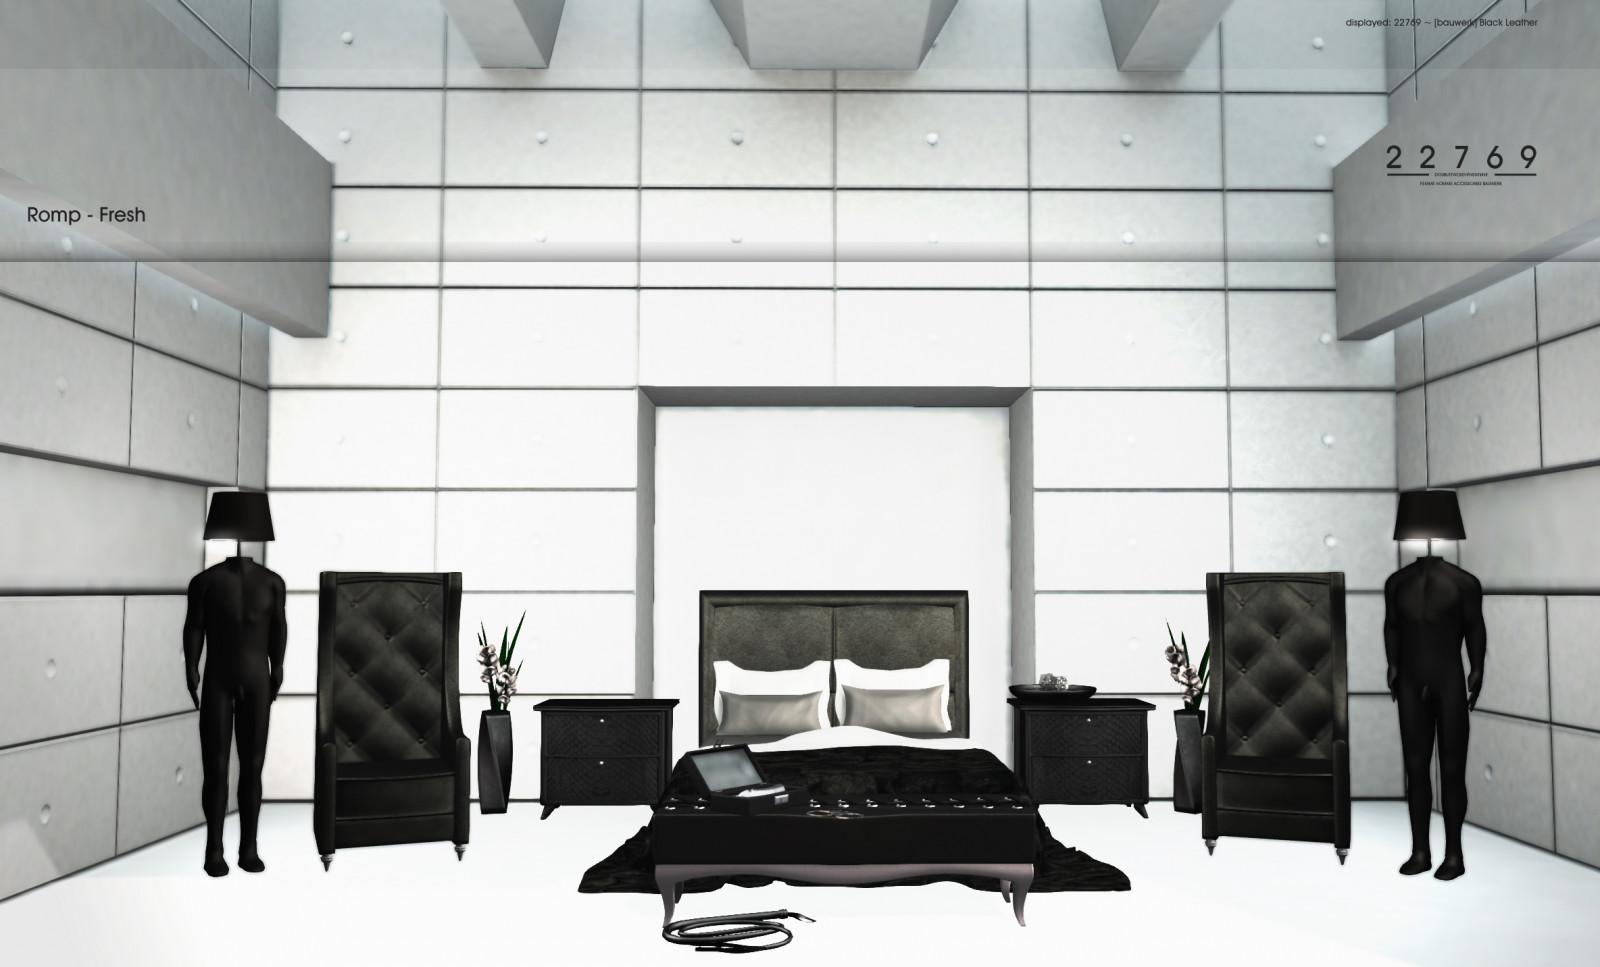 Hintergrundbilder : Fenster, Bett, Mauer, Büro, Schlafzimmer ...